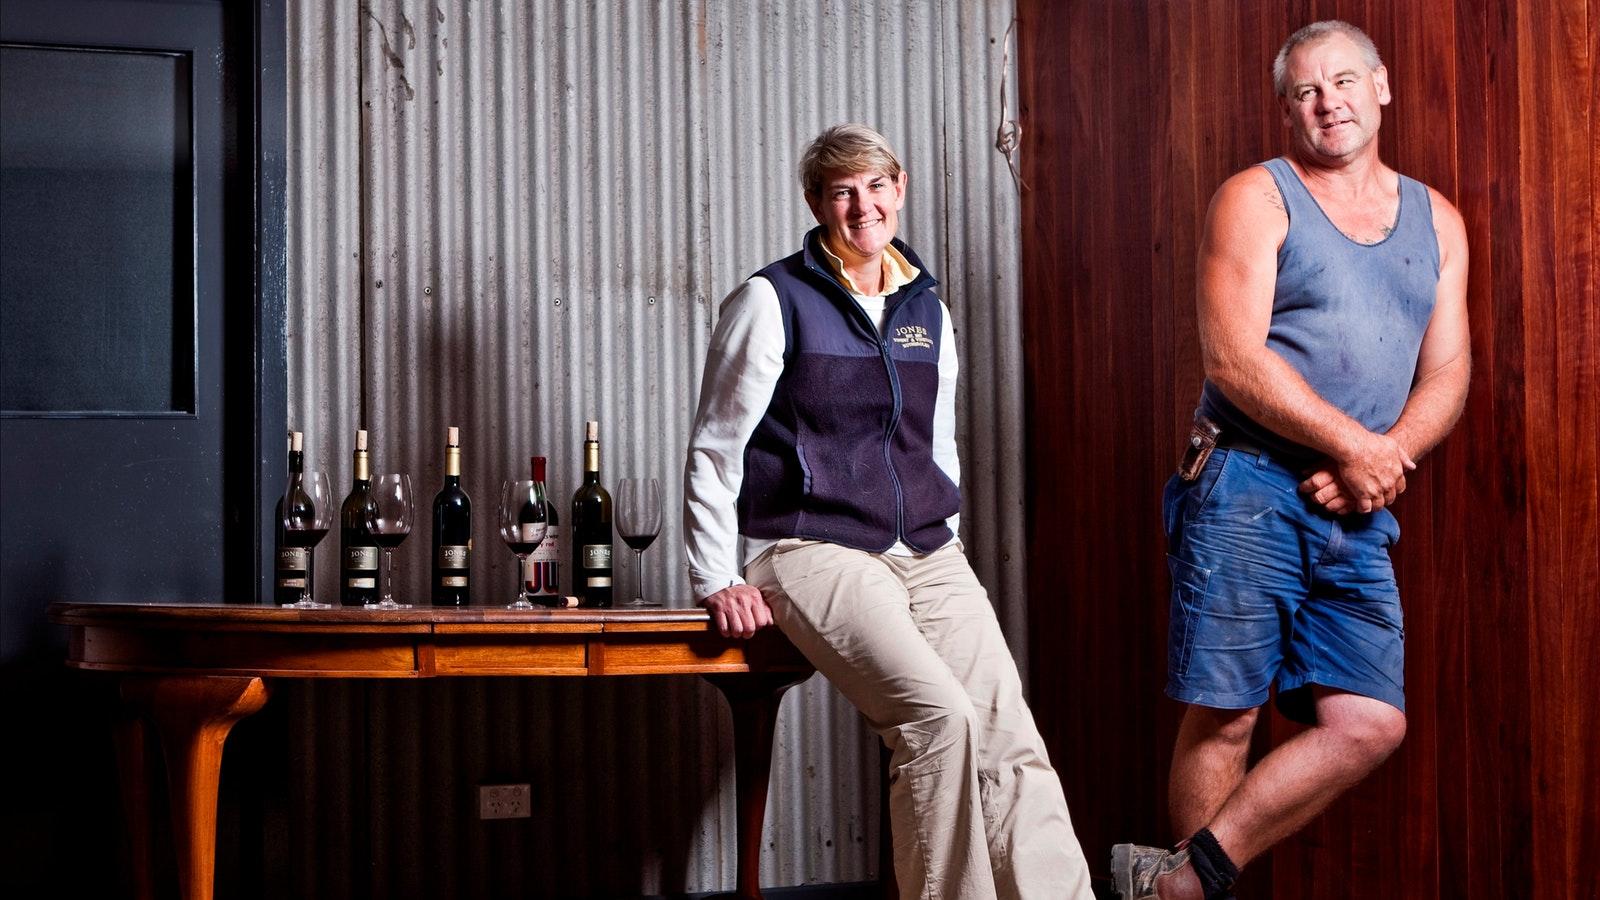 Owners of Jones Winery & Vineyard